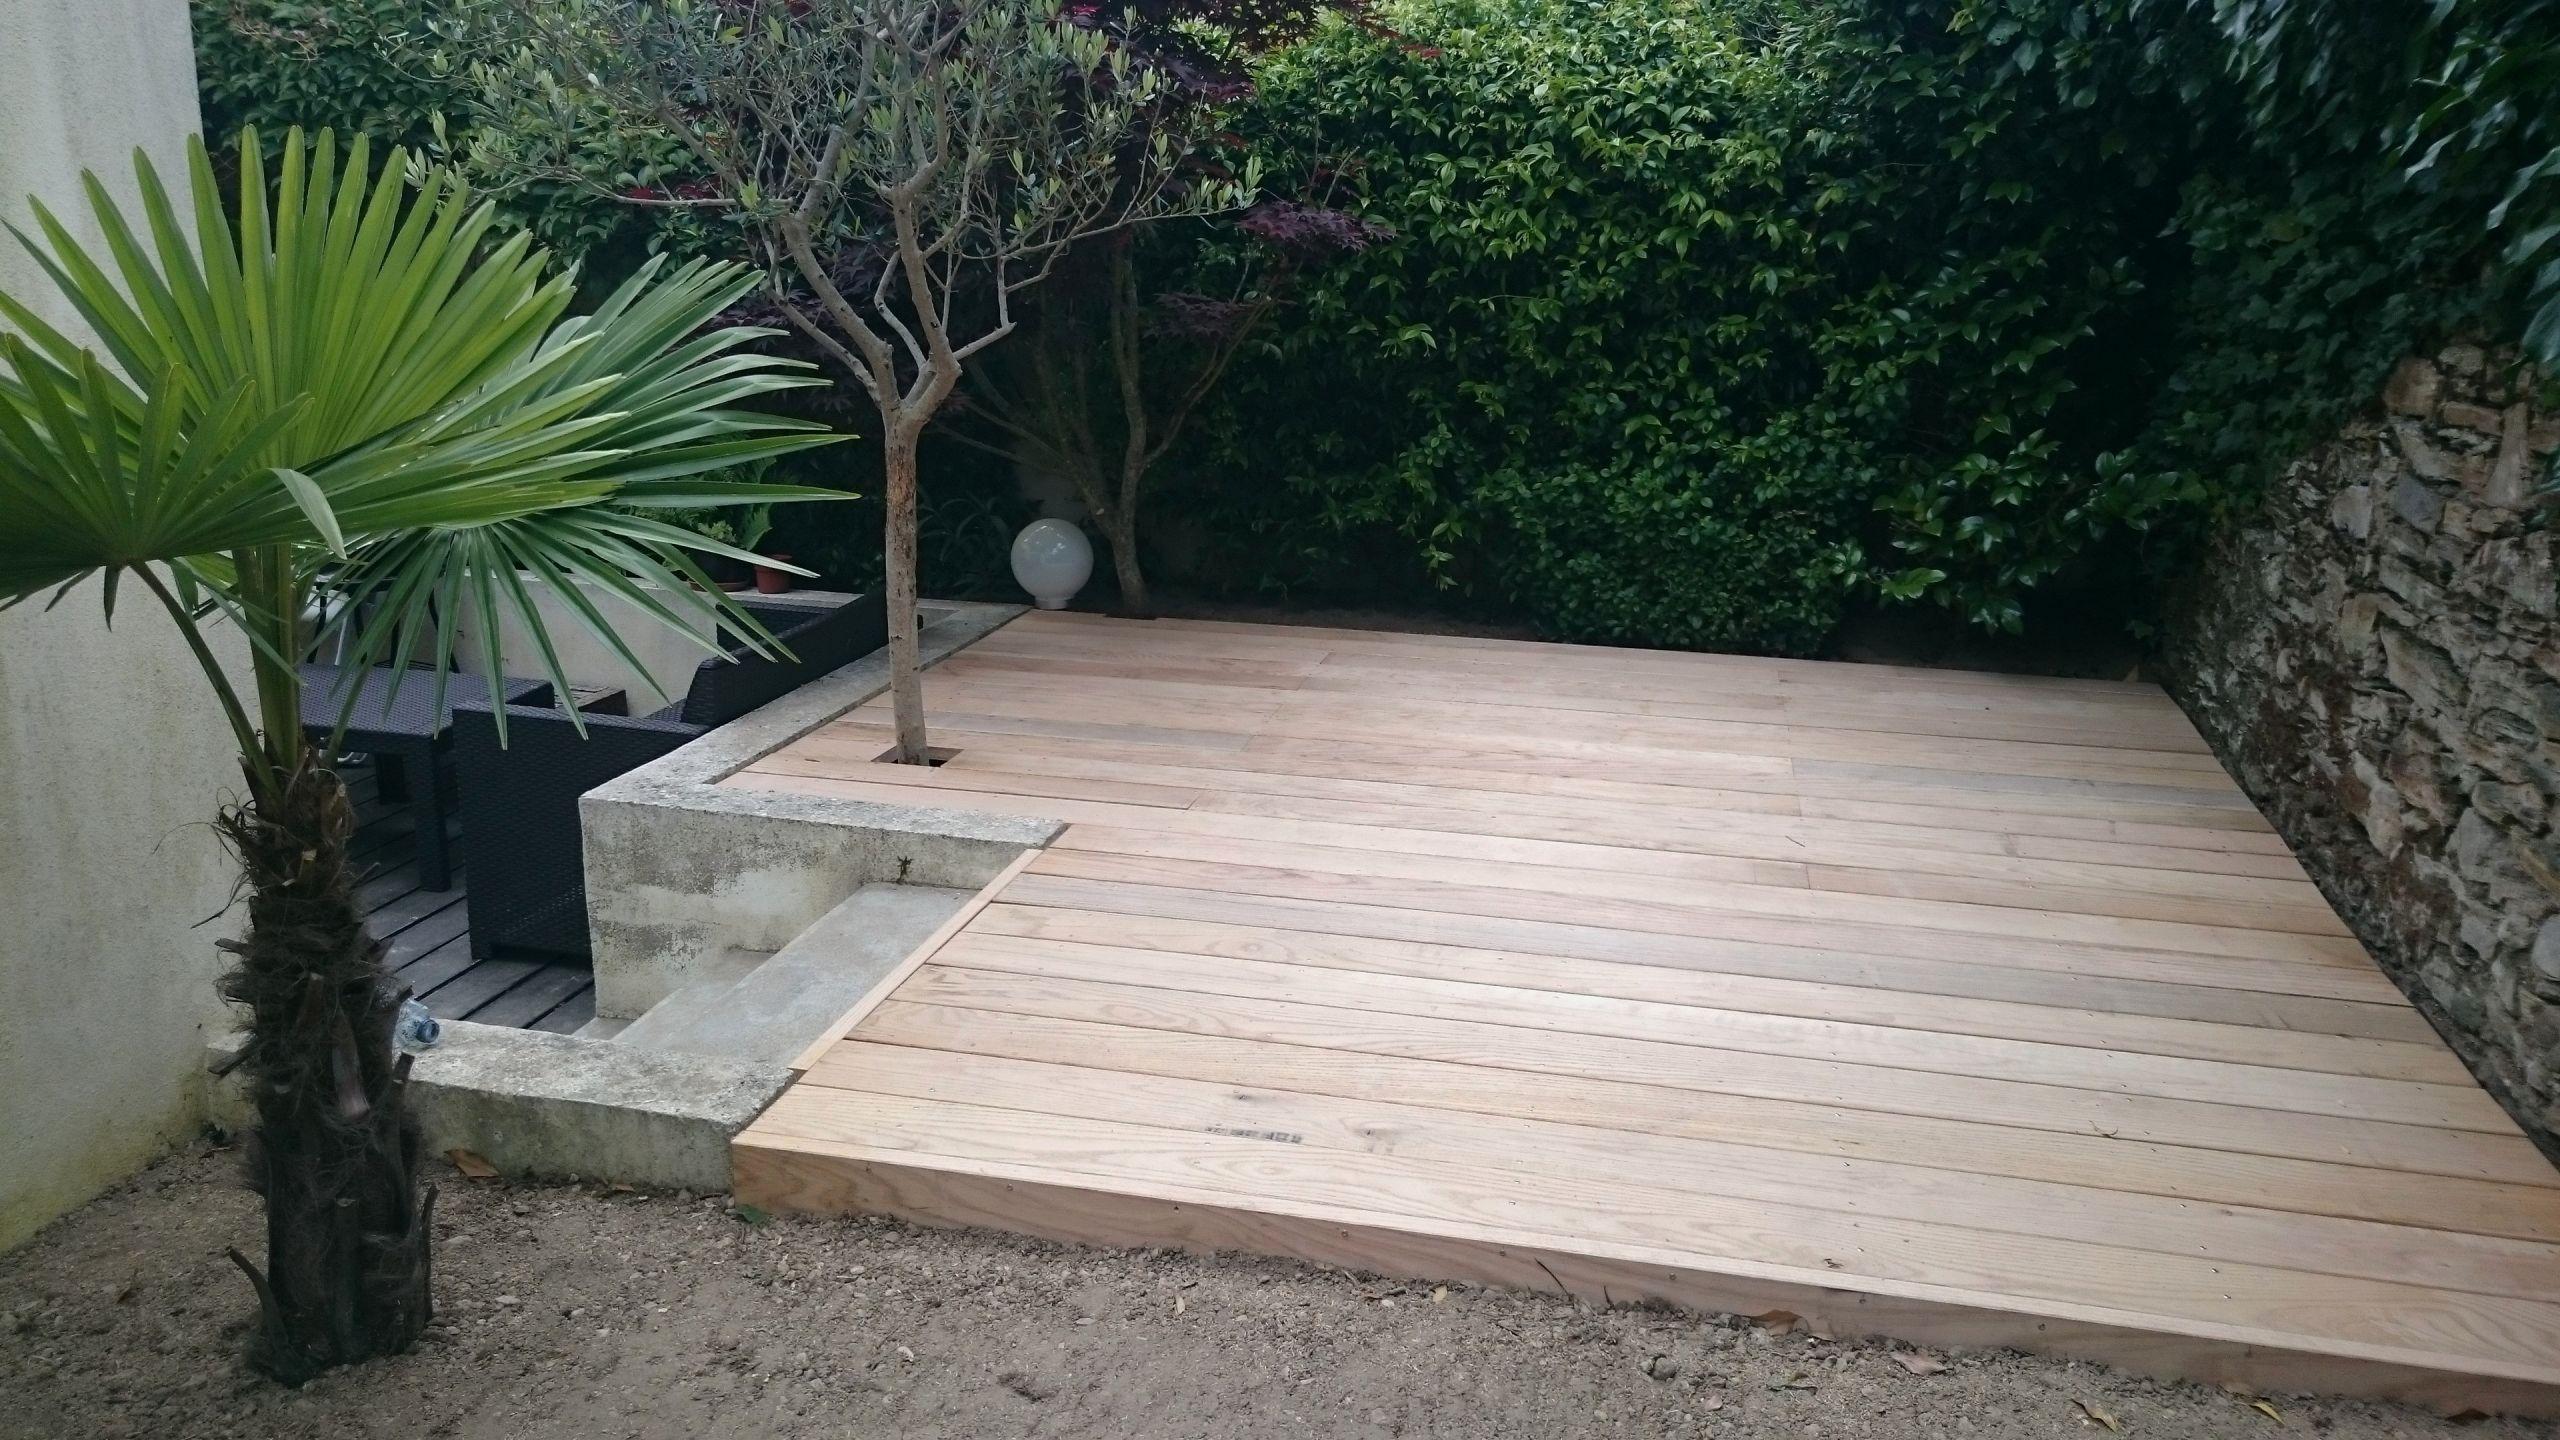 40 Best Of Amenagement Jardin Exterieur | Salon Jardin concernant Lit Exterieur Jardin